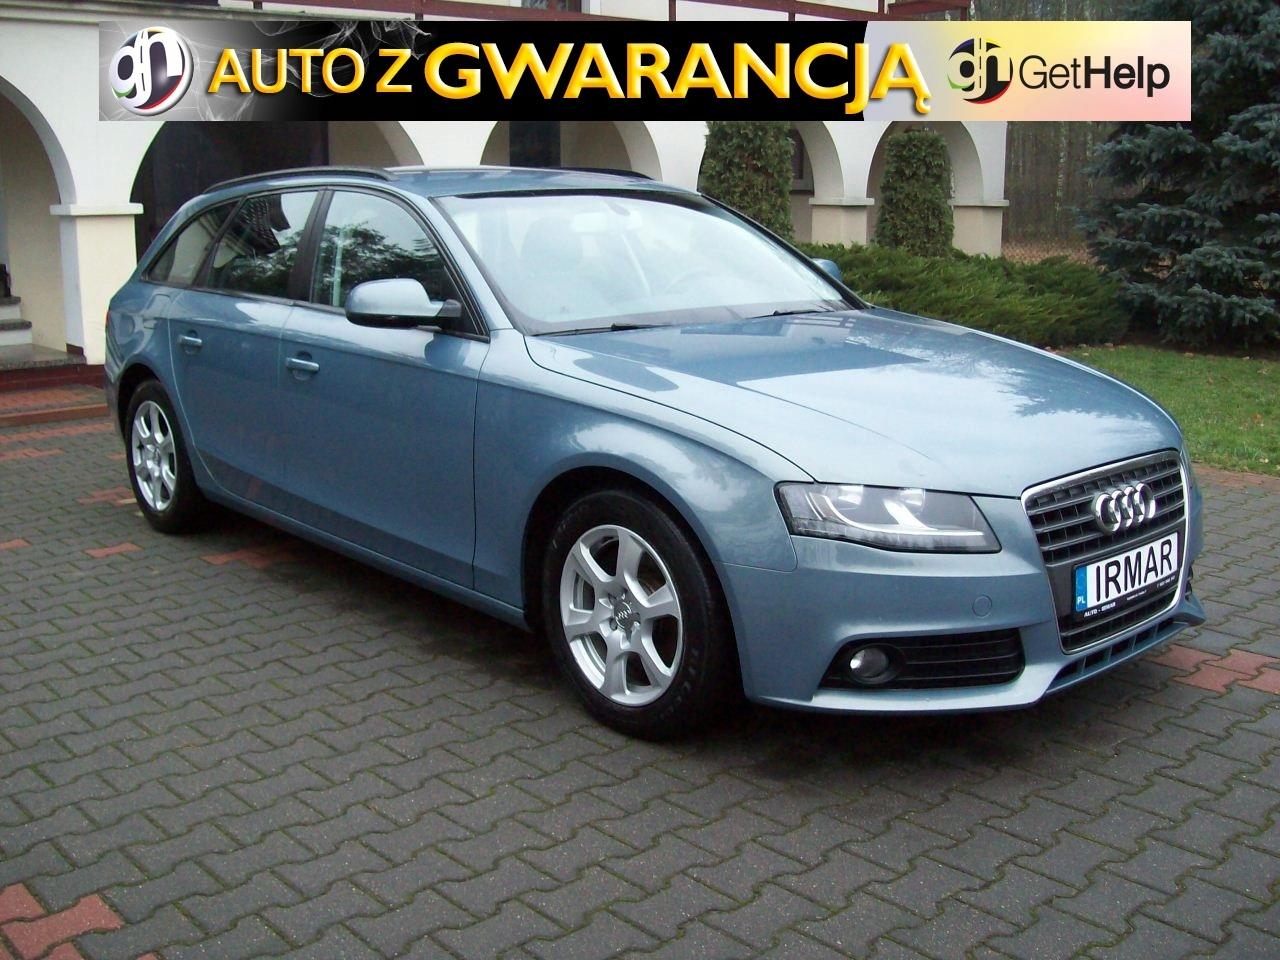 Audi A4 B8 20 Tdi Cr Nawigacja Skórzana Tapicerka 7756209599